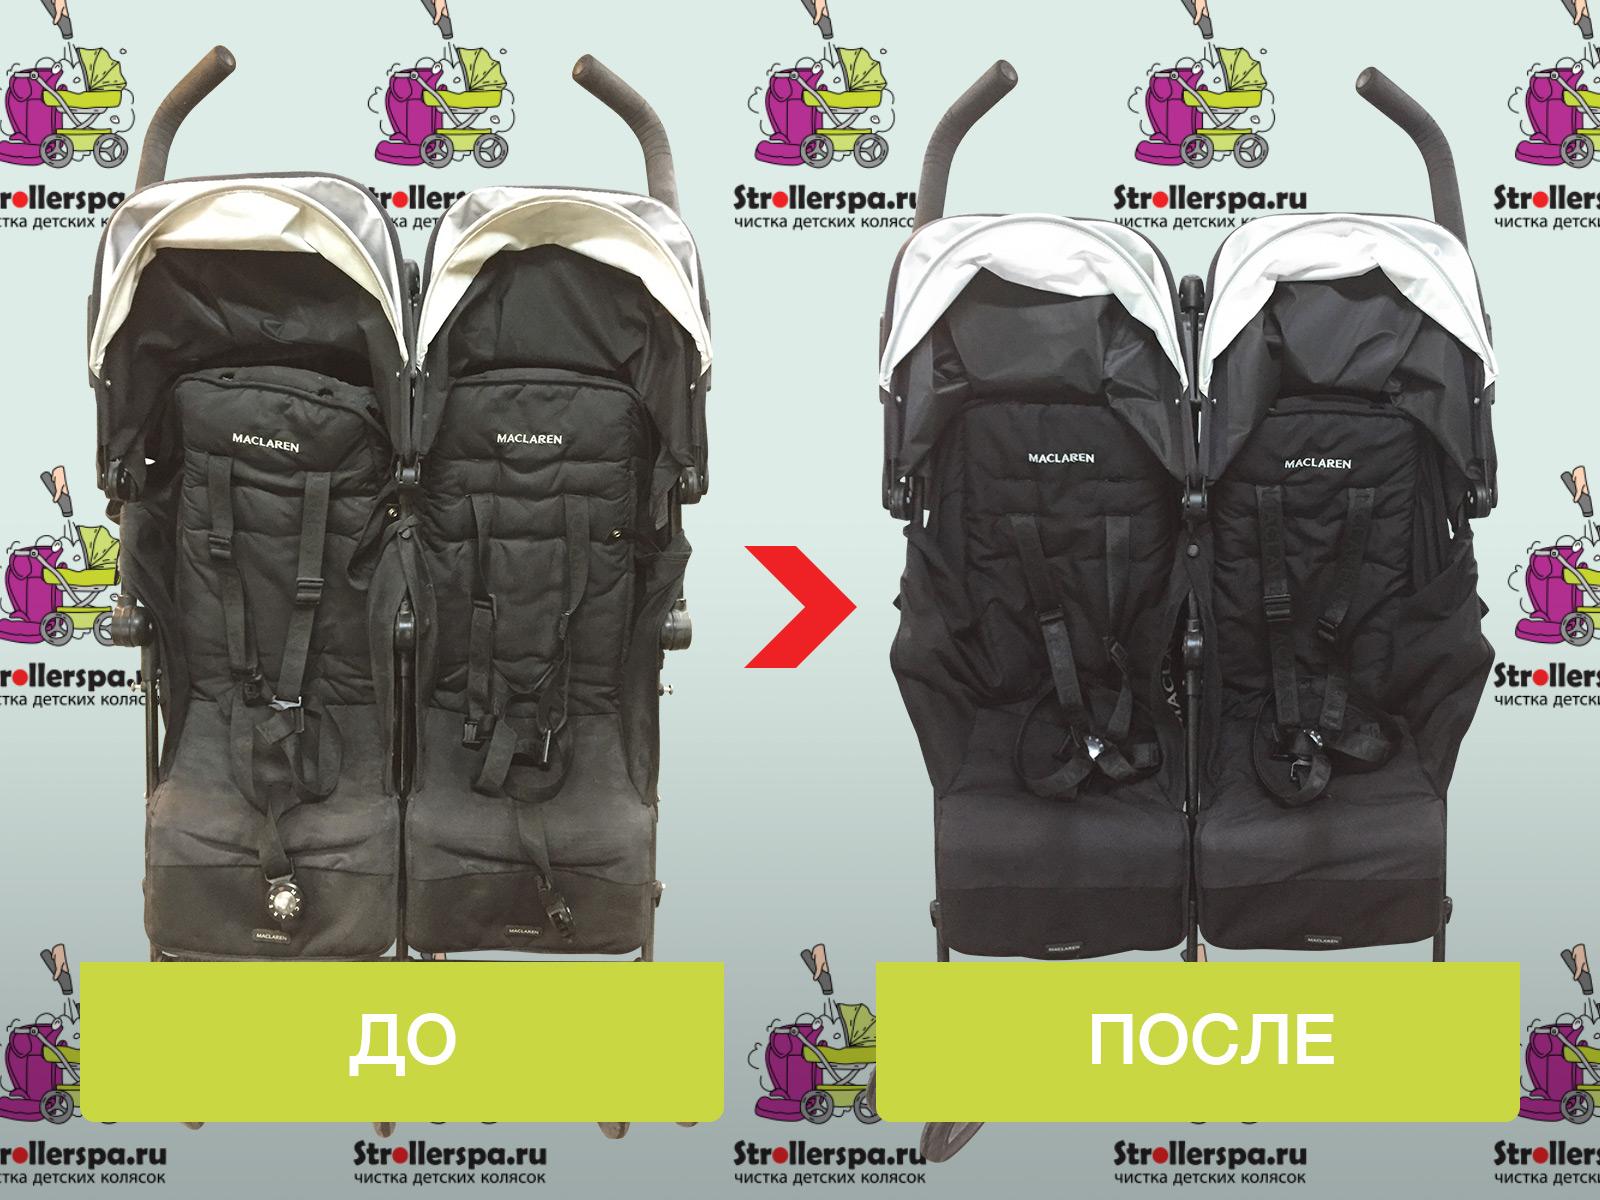 kartinka-himchistka-kolyasok-strollerspa-003